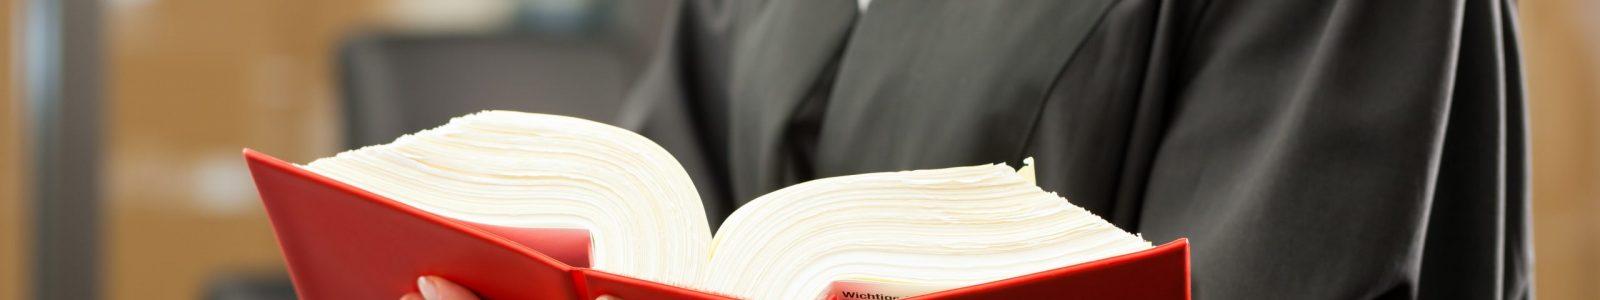 Fachanwältin mit Gesetzbuch